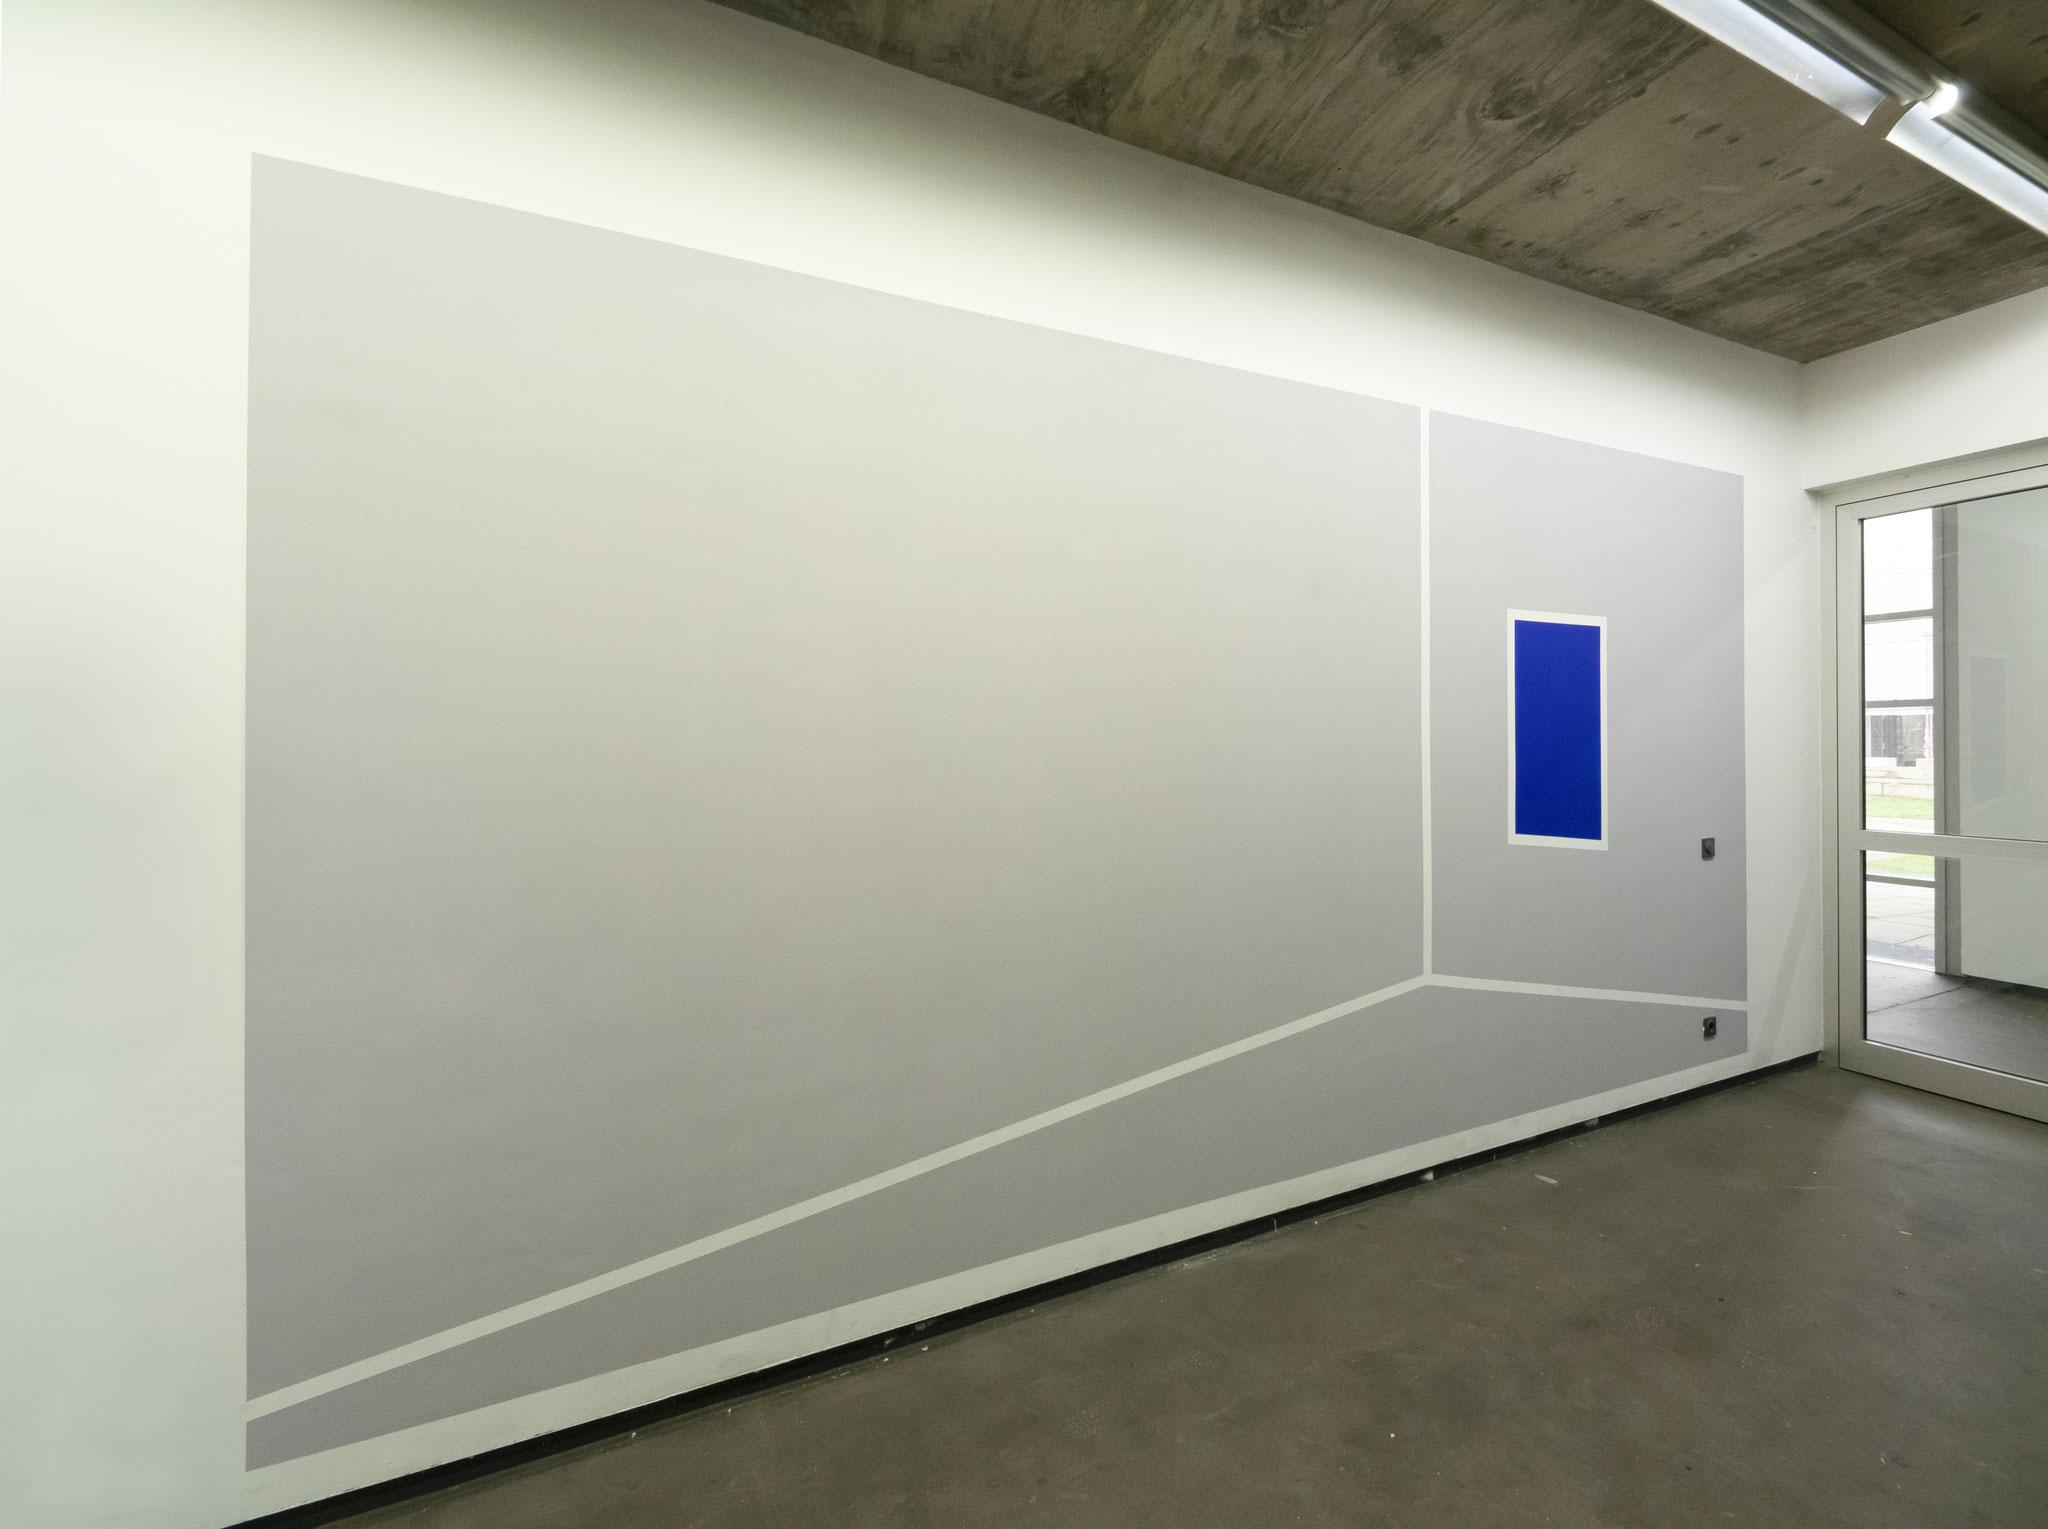 Zimmer mit Meerblick, Wandfarbe/Acryl auf Putz, 280 x 390cm, 2019